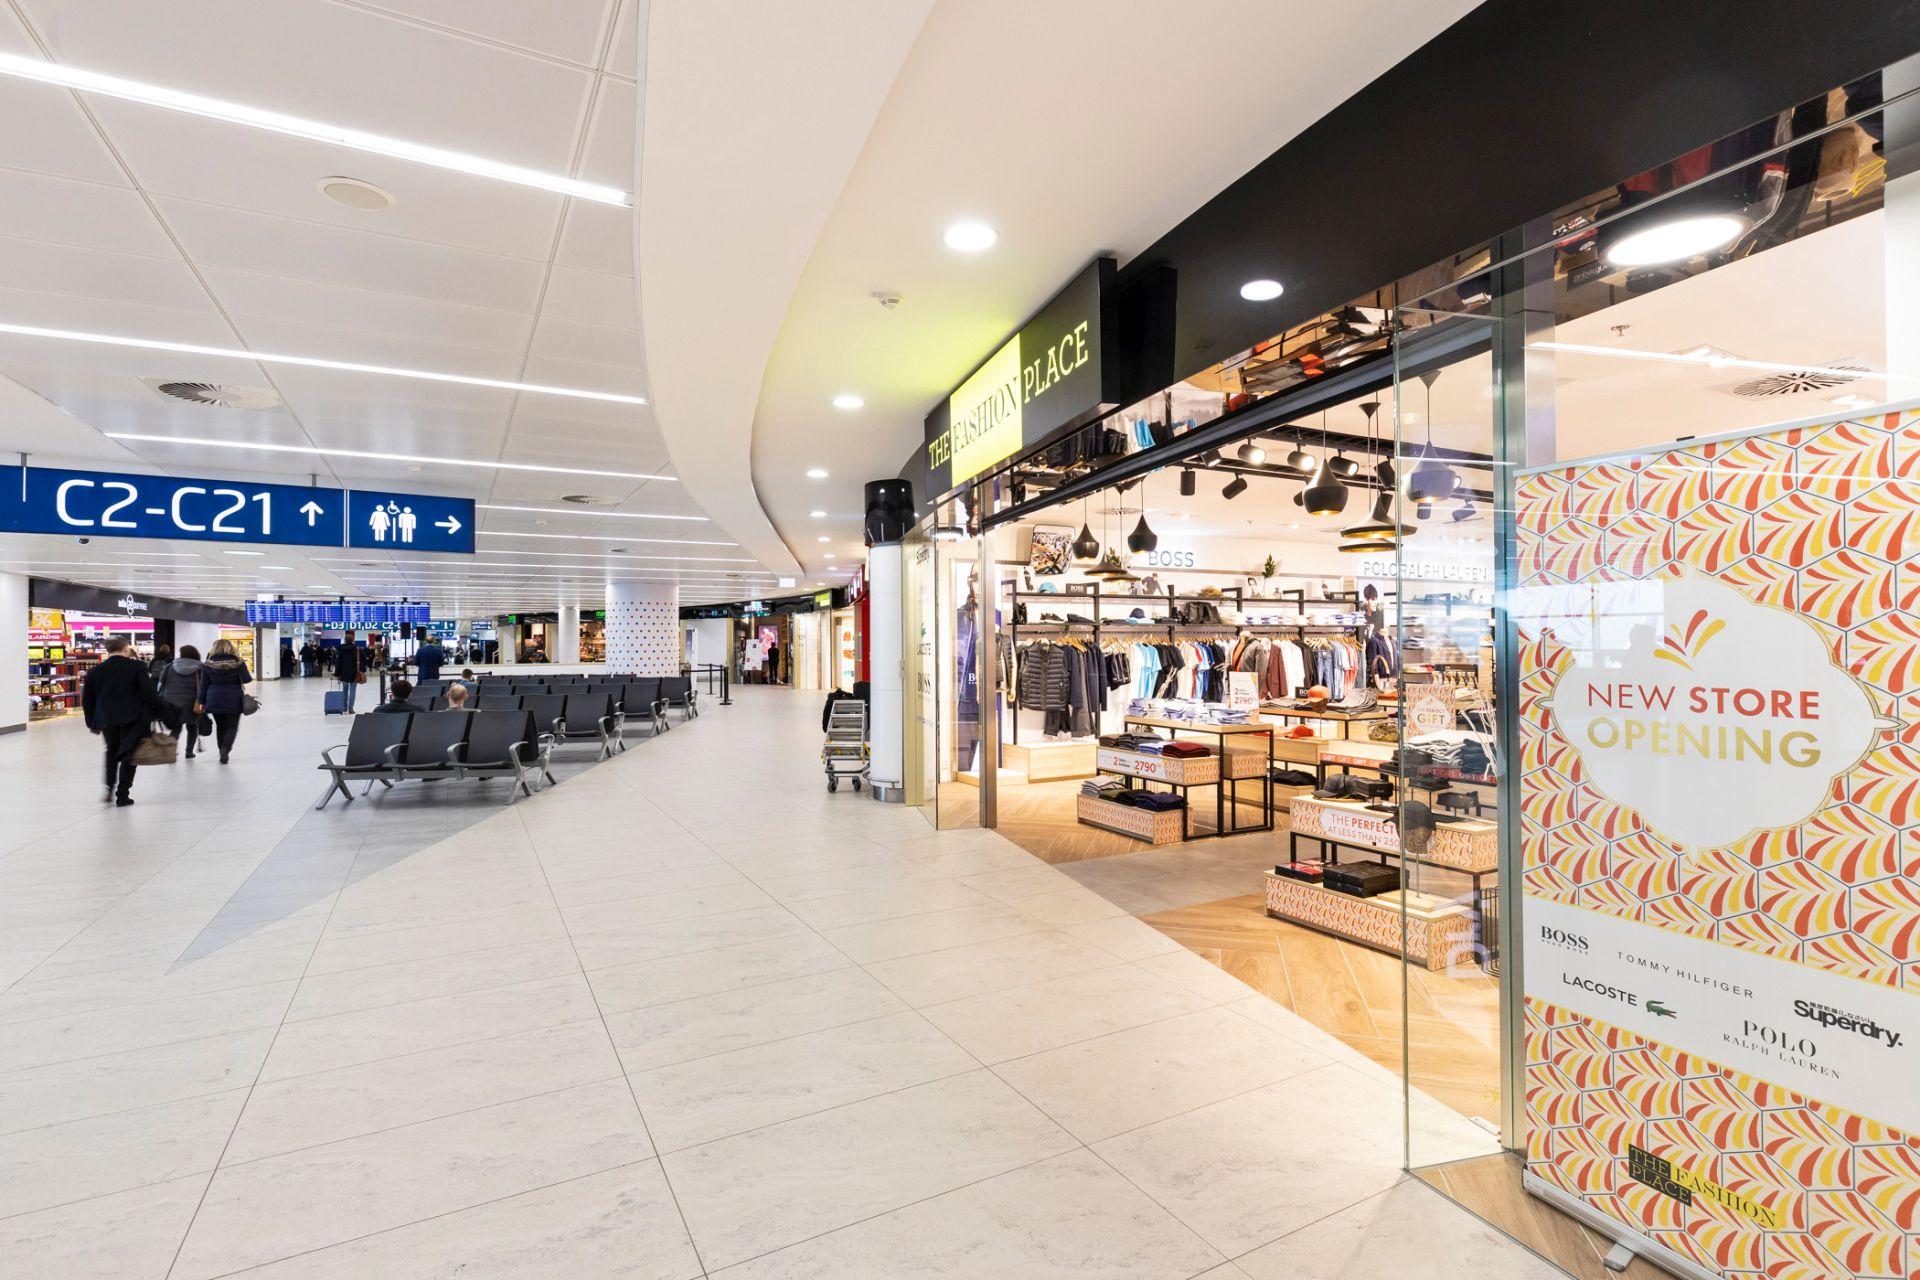 Místo kontroly obchody. Letiště zvětšilo komerční zónu, chystá soutěže na nájemce